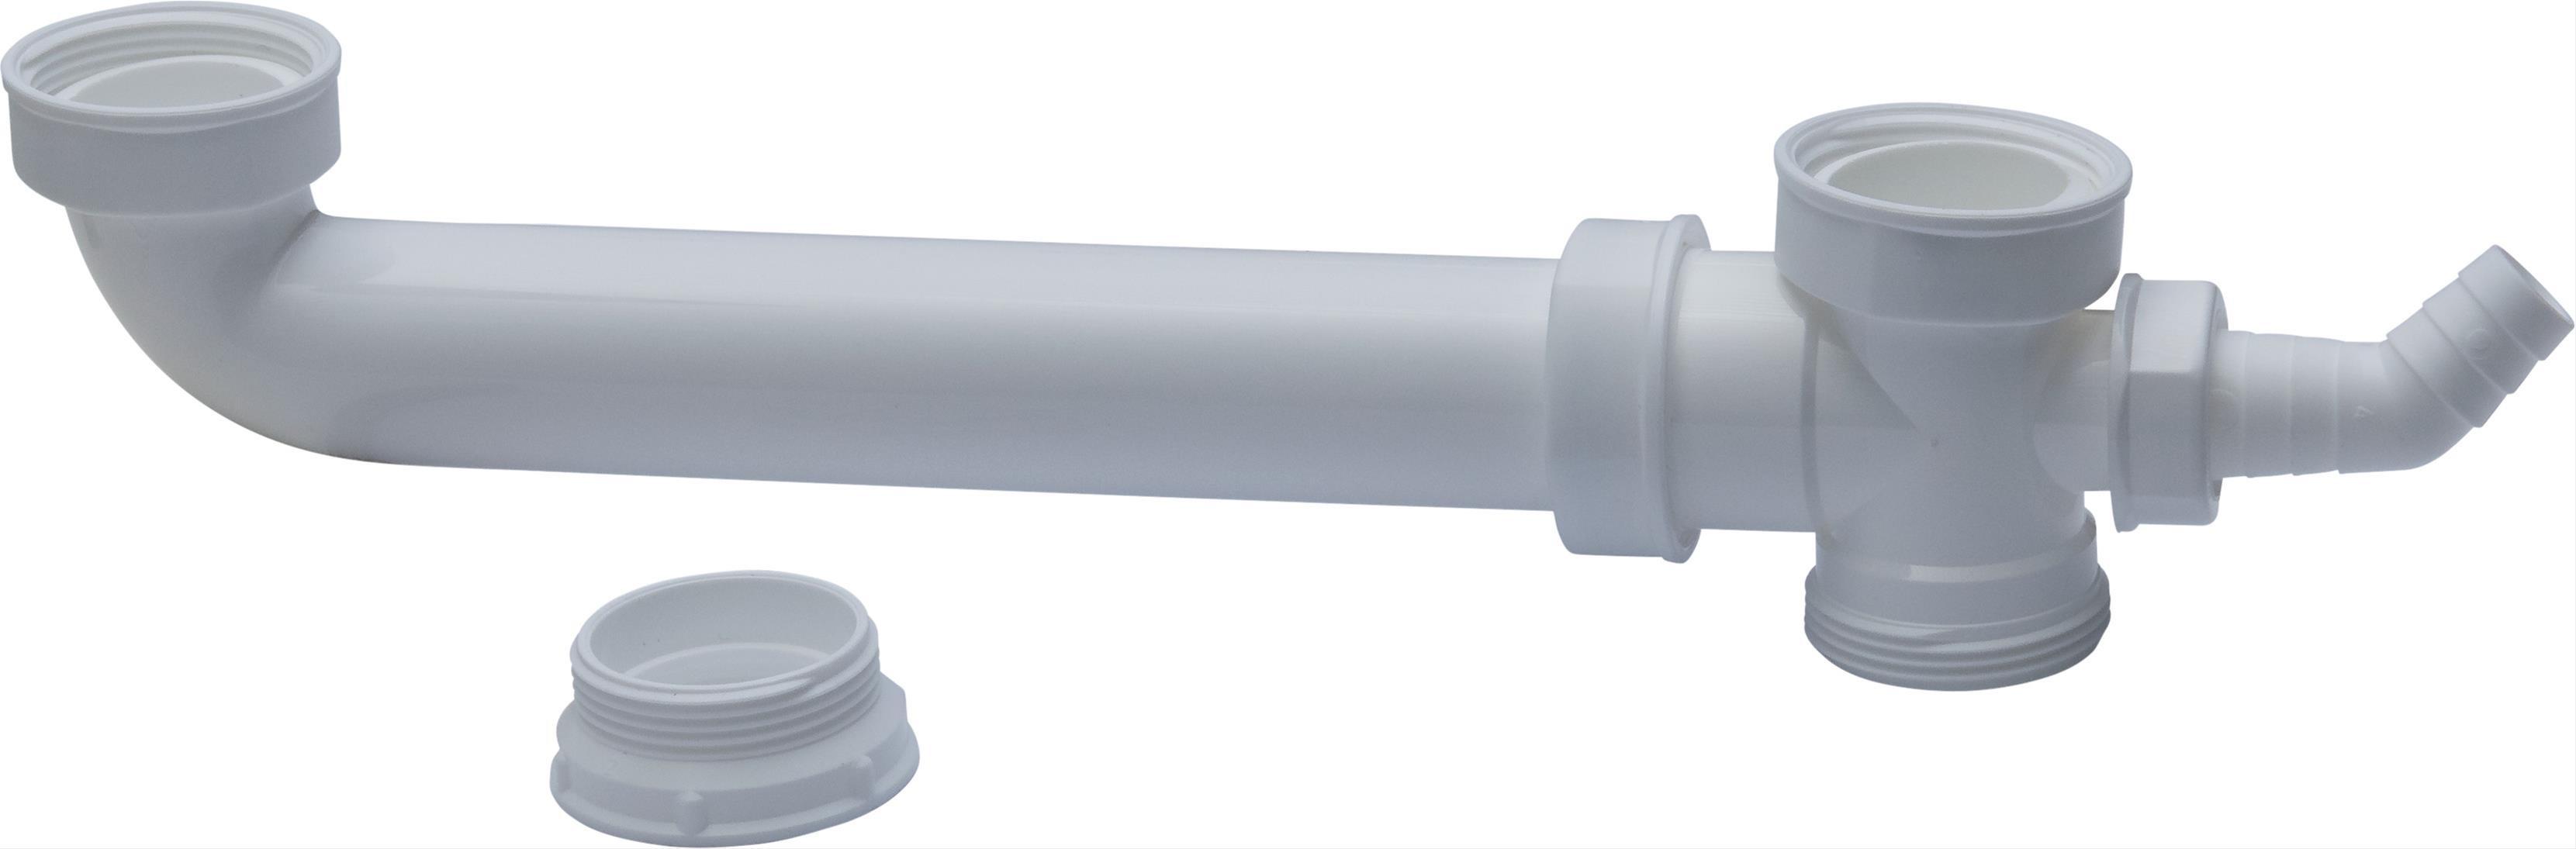 SP-Ablaufverbindung 11/2 (406) Bild 1